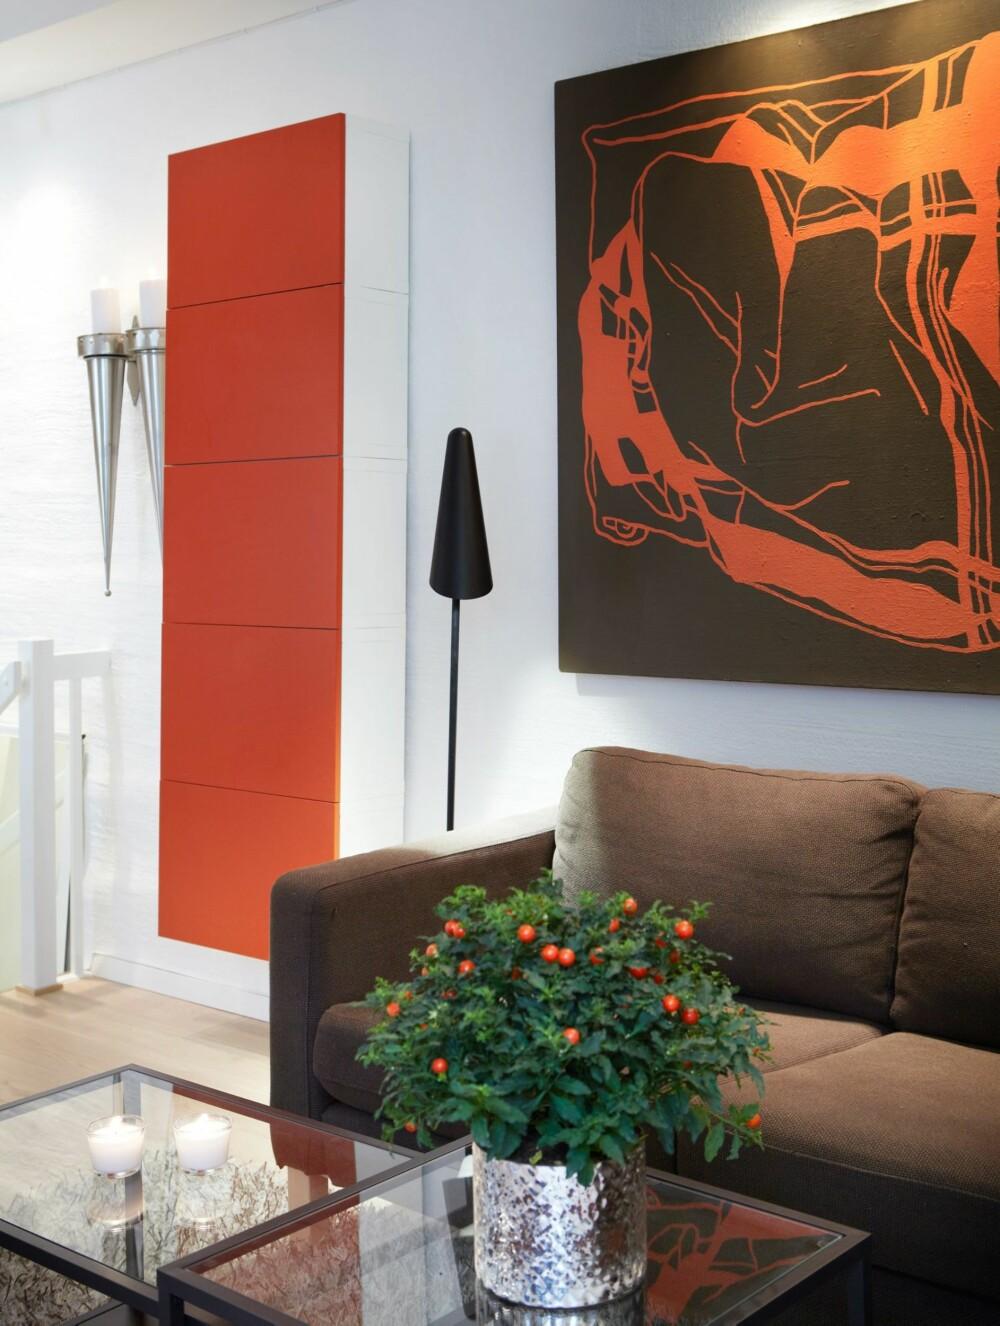 BEDRE SOM SOFAKROK: Den delen av rommet som har full takhøyde ble tidligere bare benyttet til skap. Sofaen Karlstad med ottoman, lampen og de 20 cm dype skapene samt sofabordet er fra Ikea. Bildet som samler fargene i sofakroken er kjøpt på finn.no.